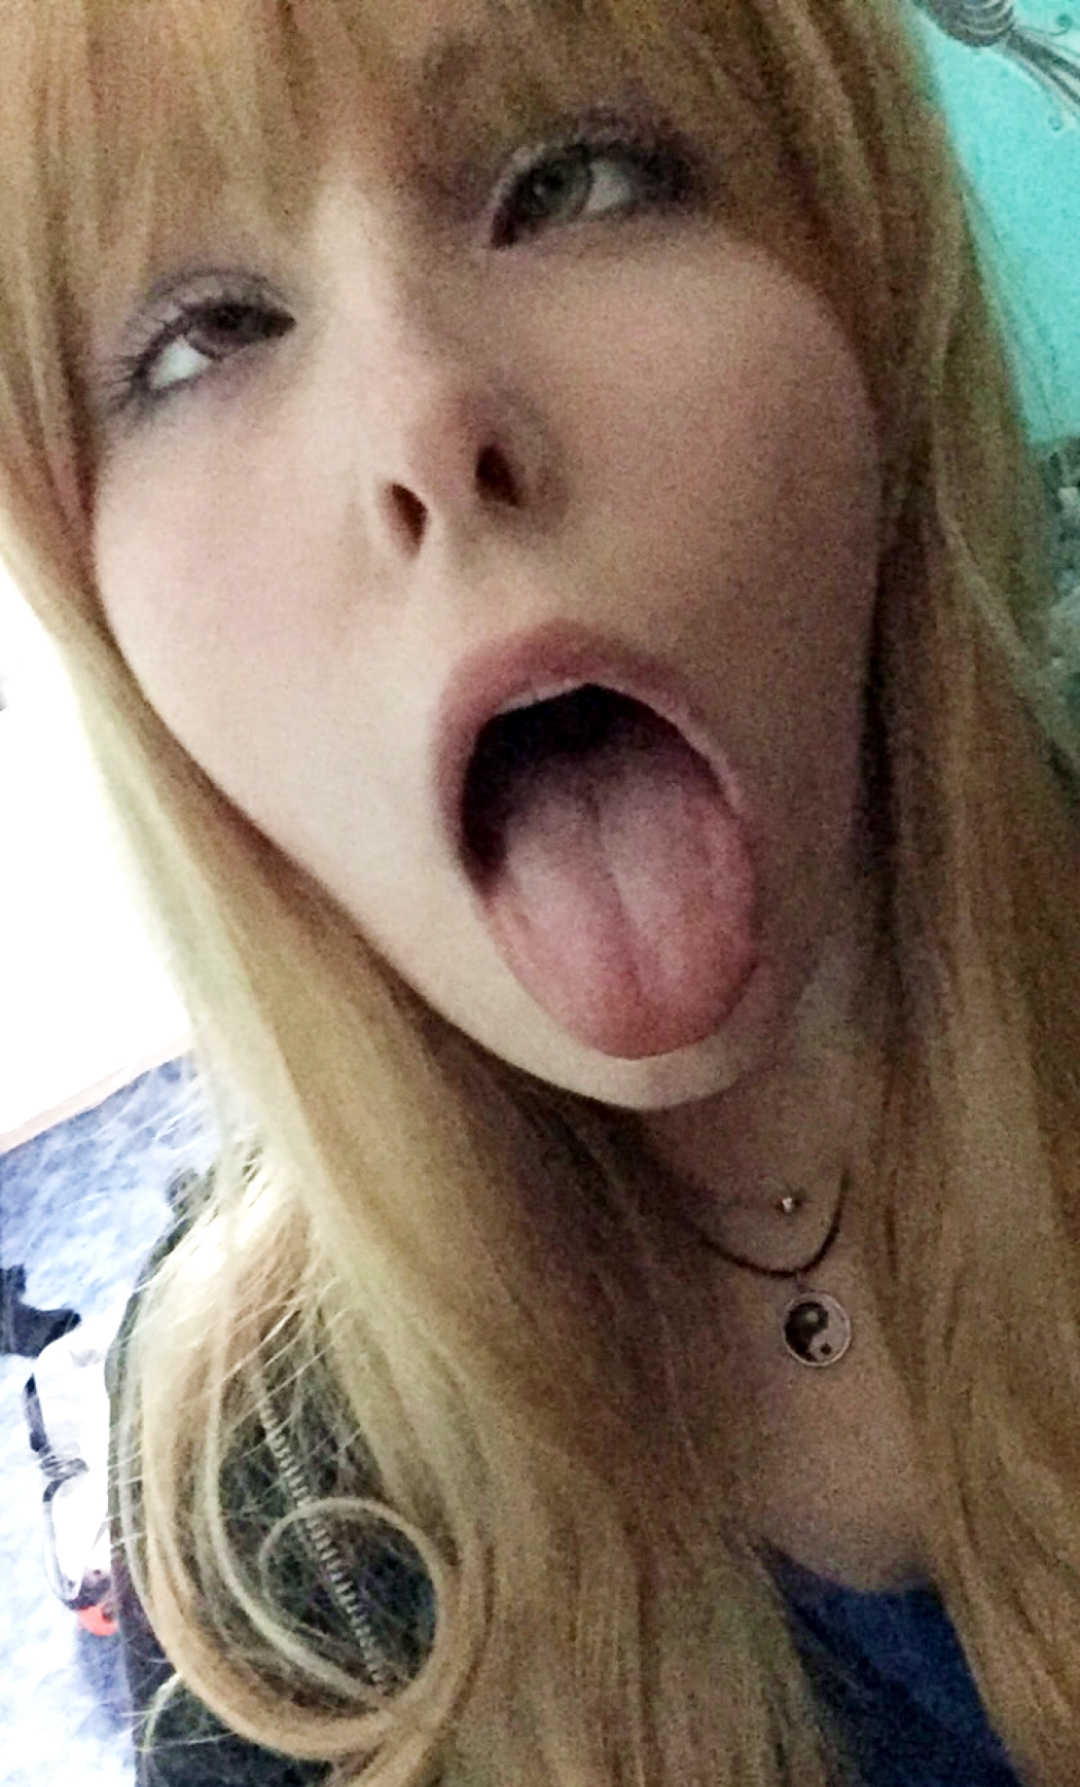 アヘ顔舌出し (23)